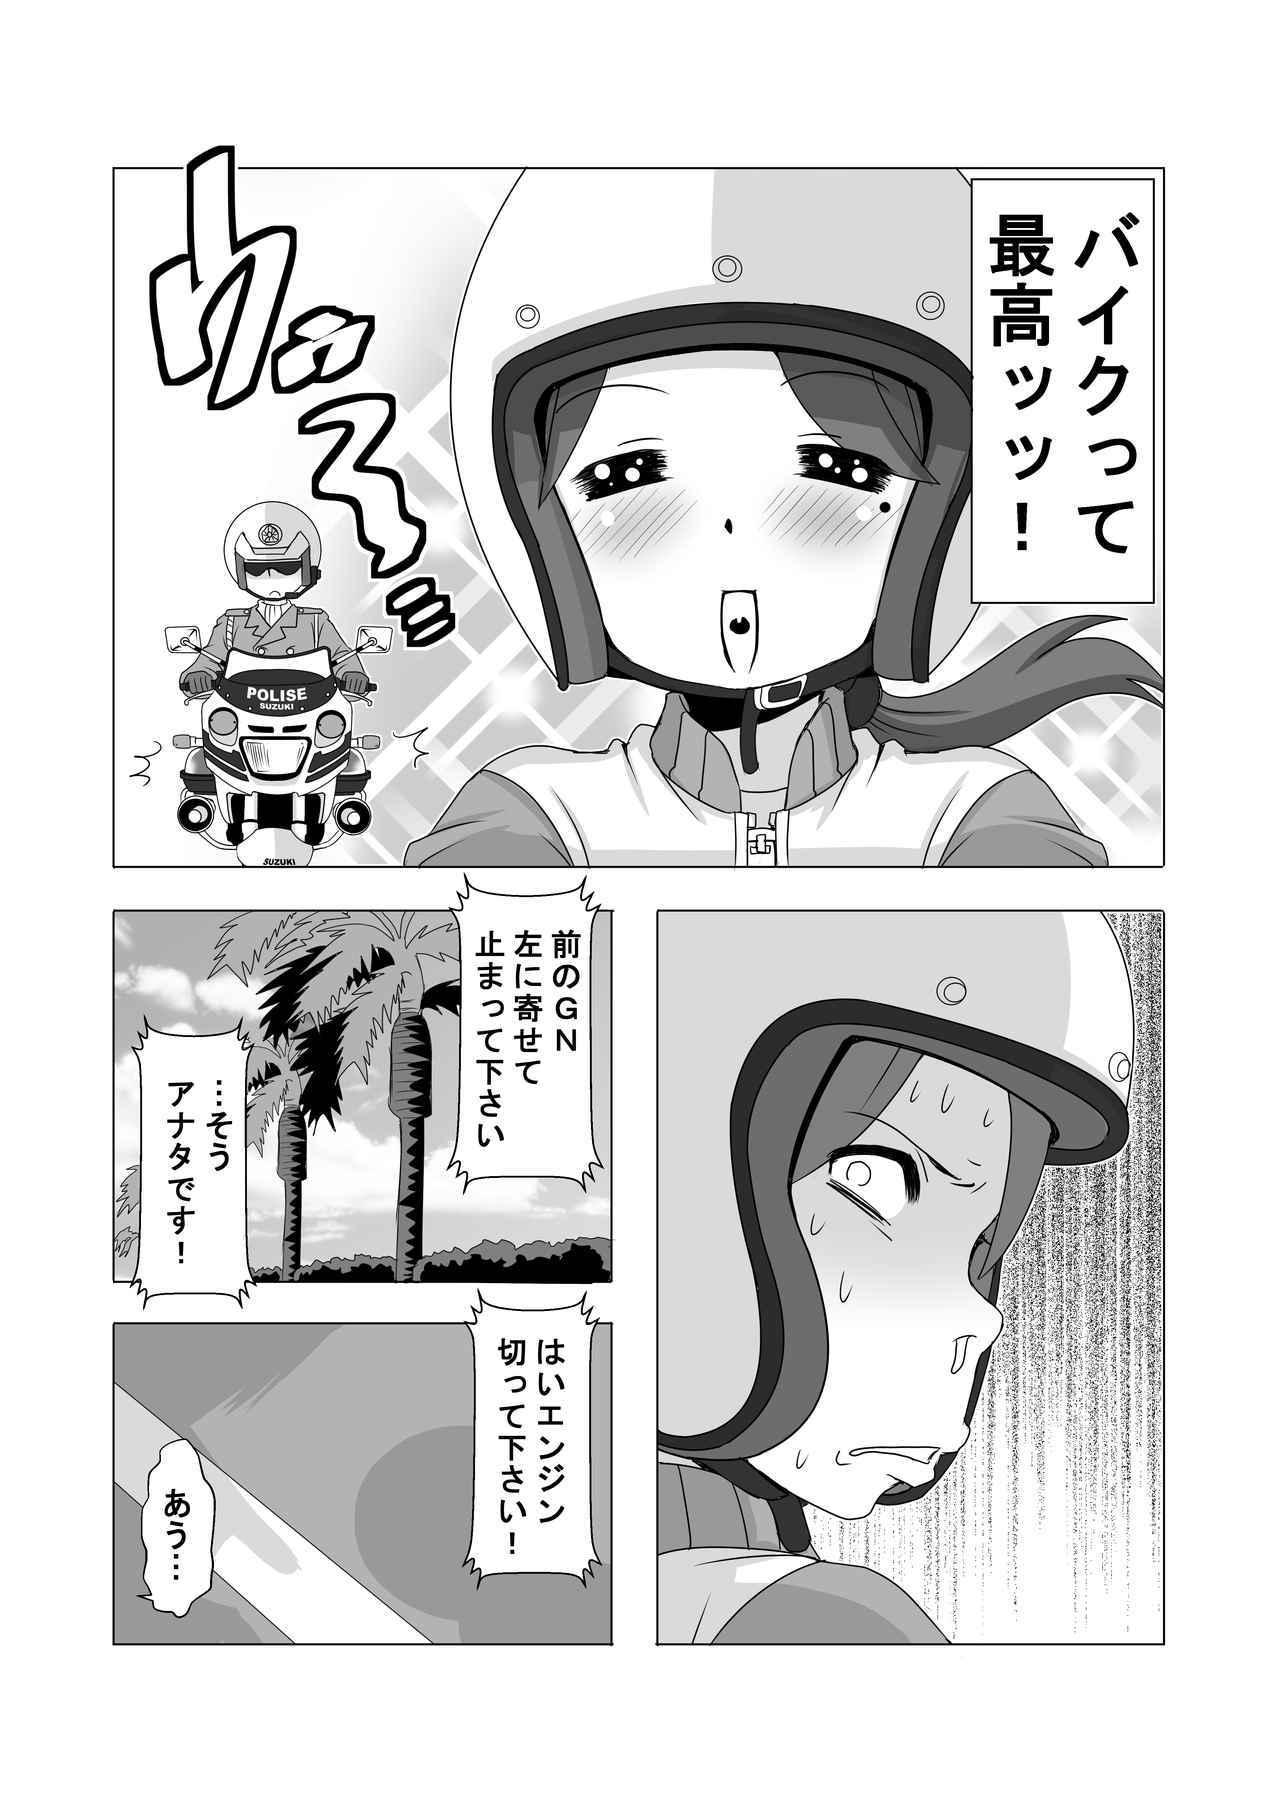 画像8: 【連載】馬場郁子がこよなくバイクを愛す理由(第十二話:それは始まりに過ぎないワケ)作:鈴木秀吉